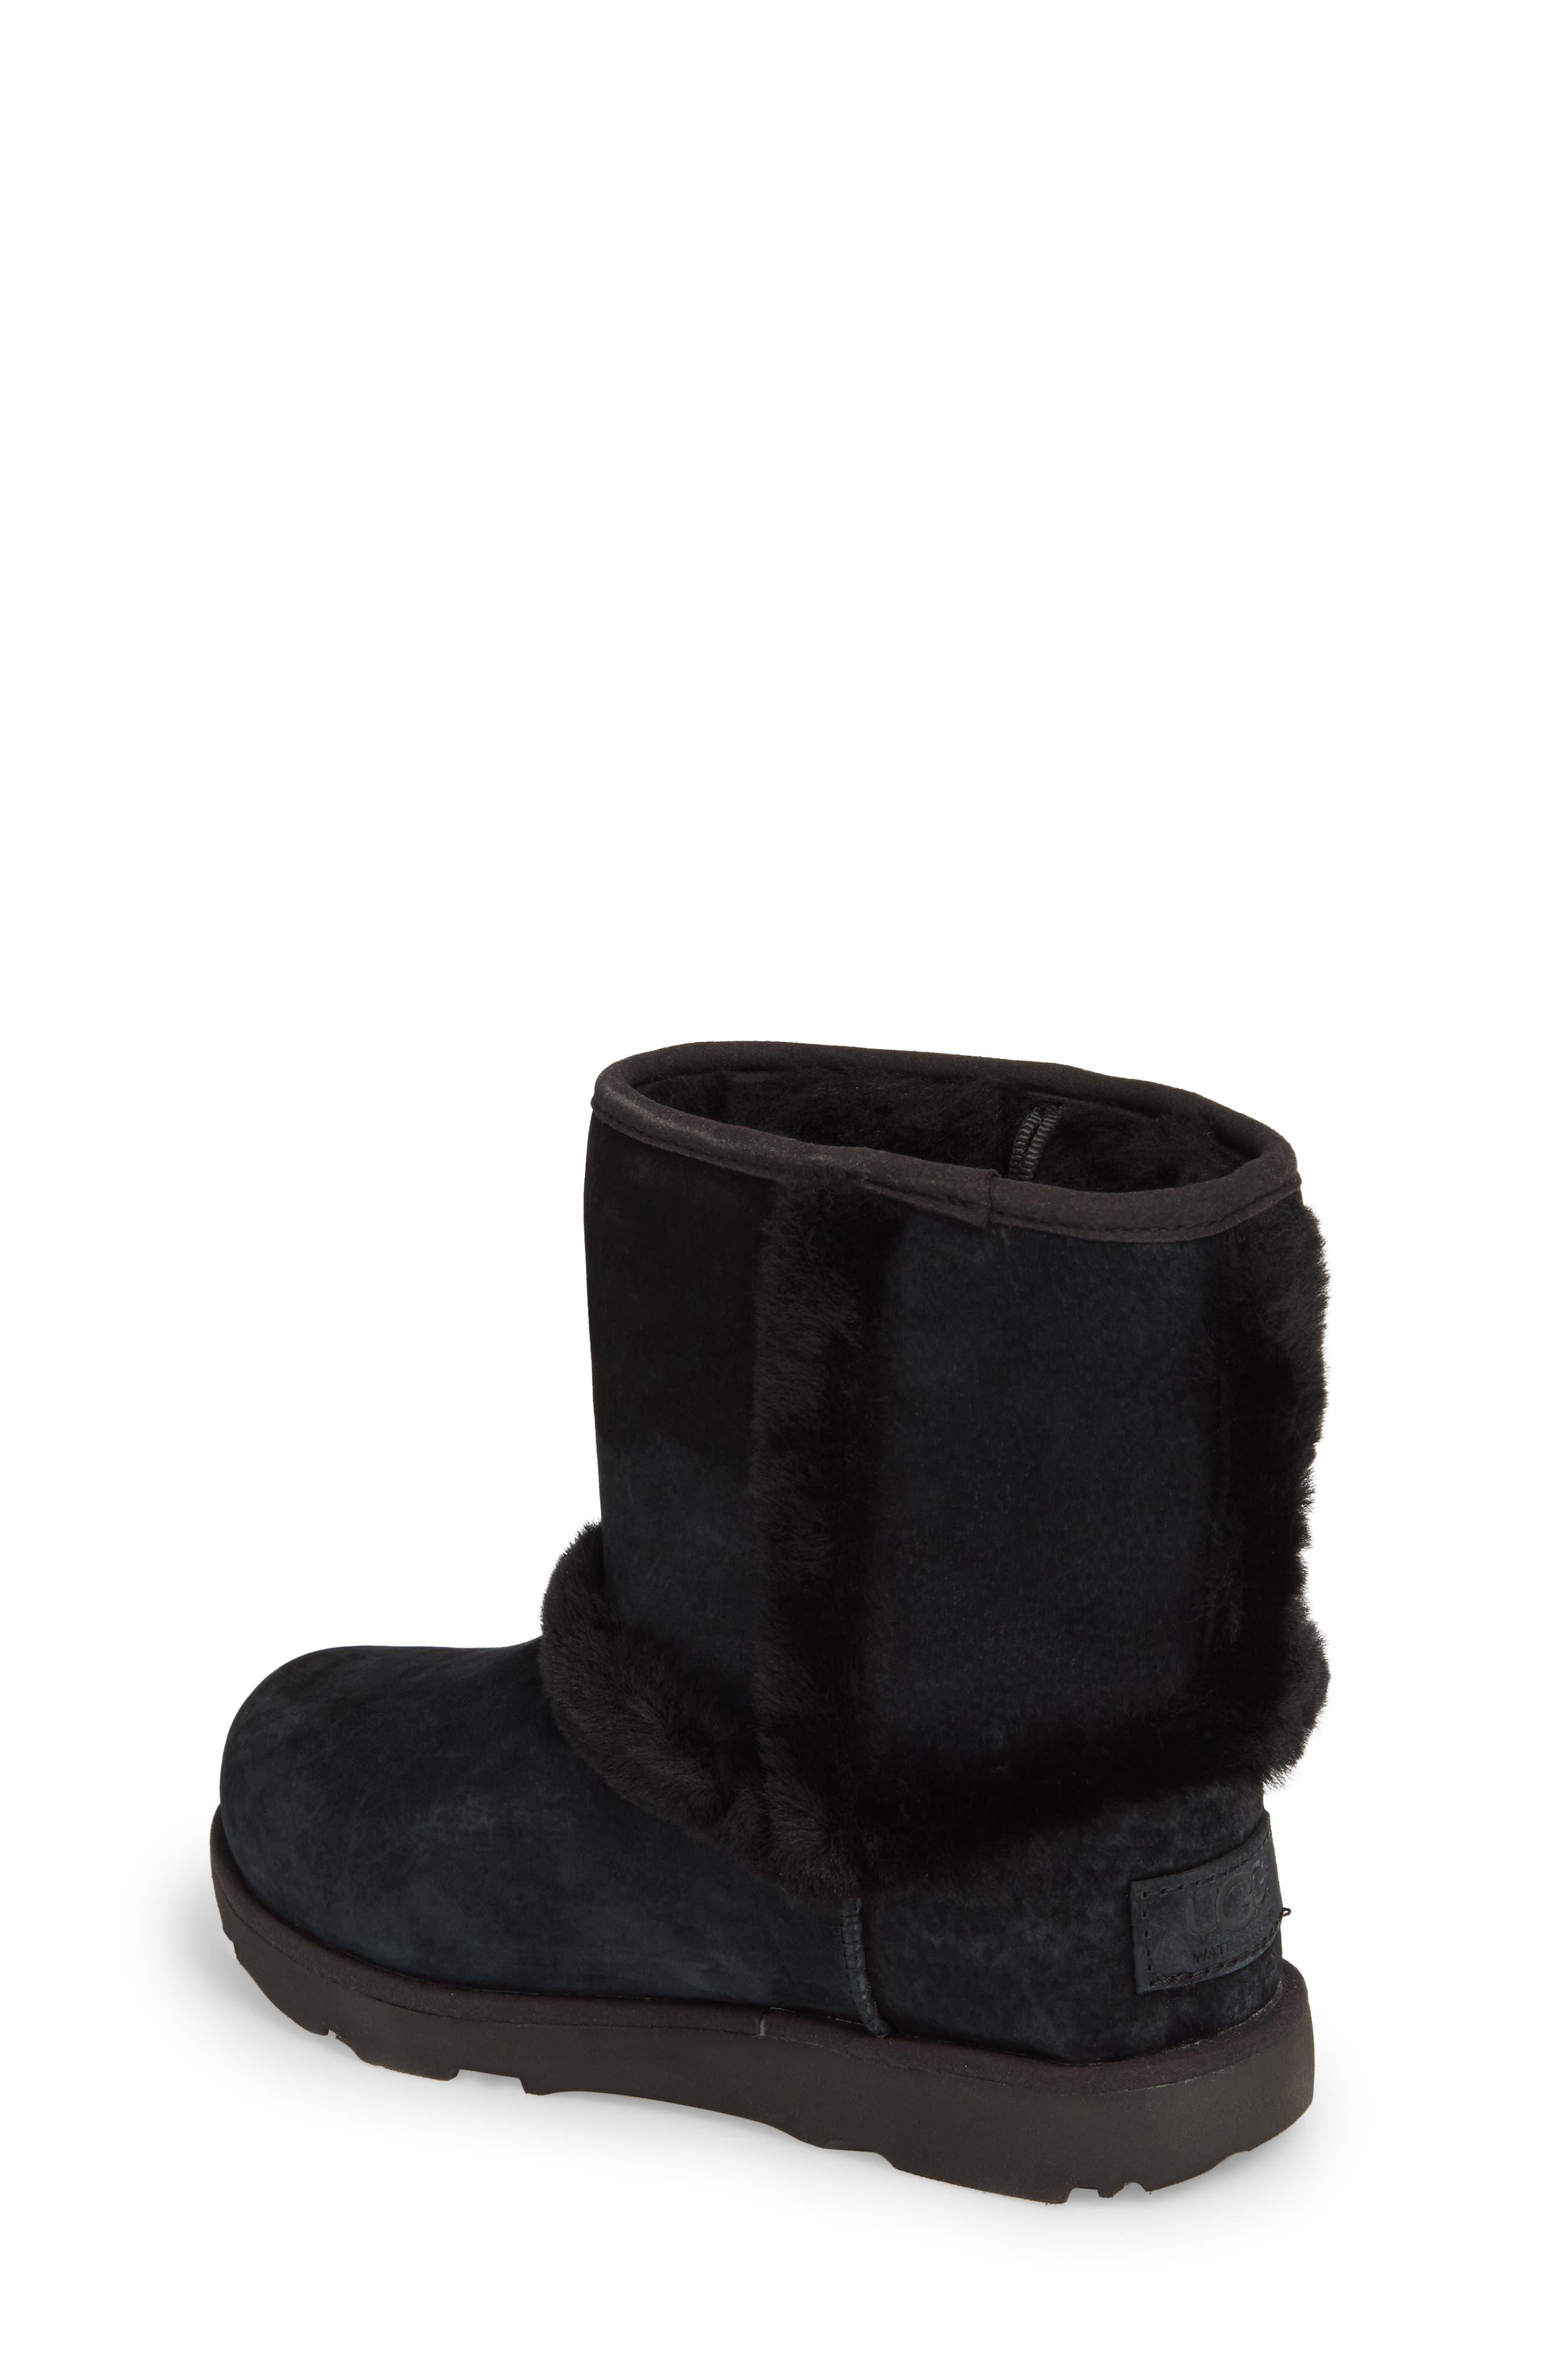 Hadley II Waterproof Boot,                             Alternate thumbnail 2, color,                             Black